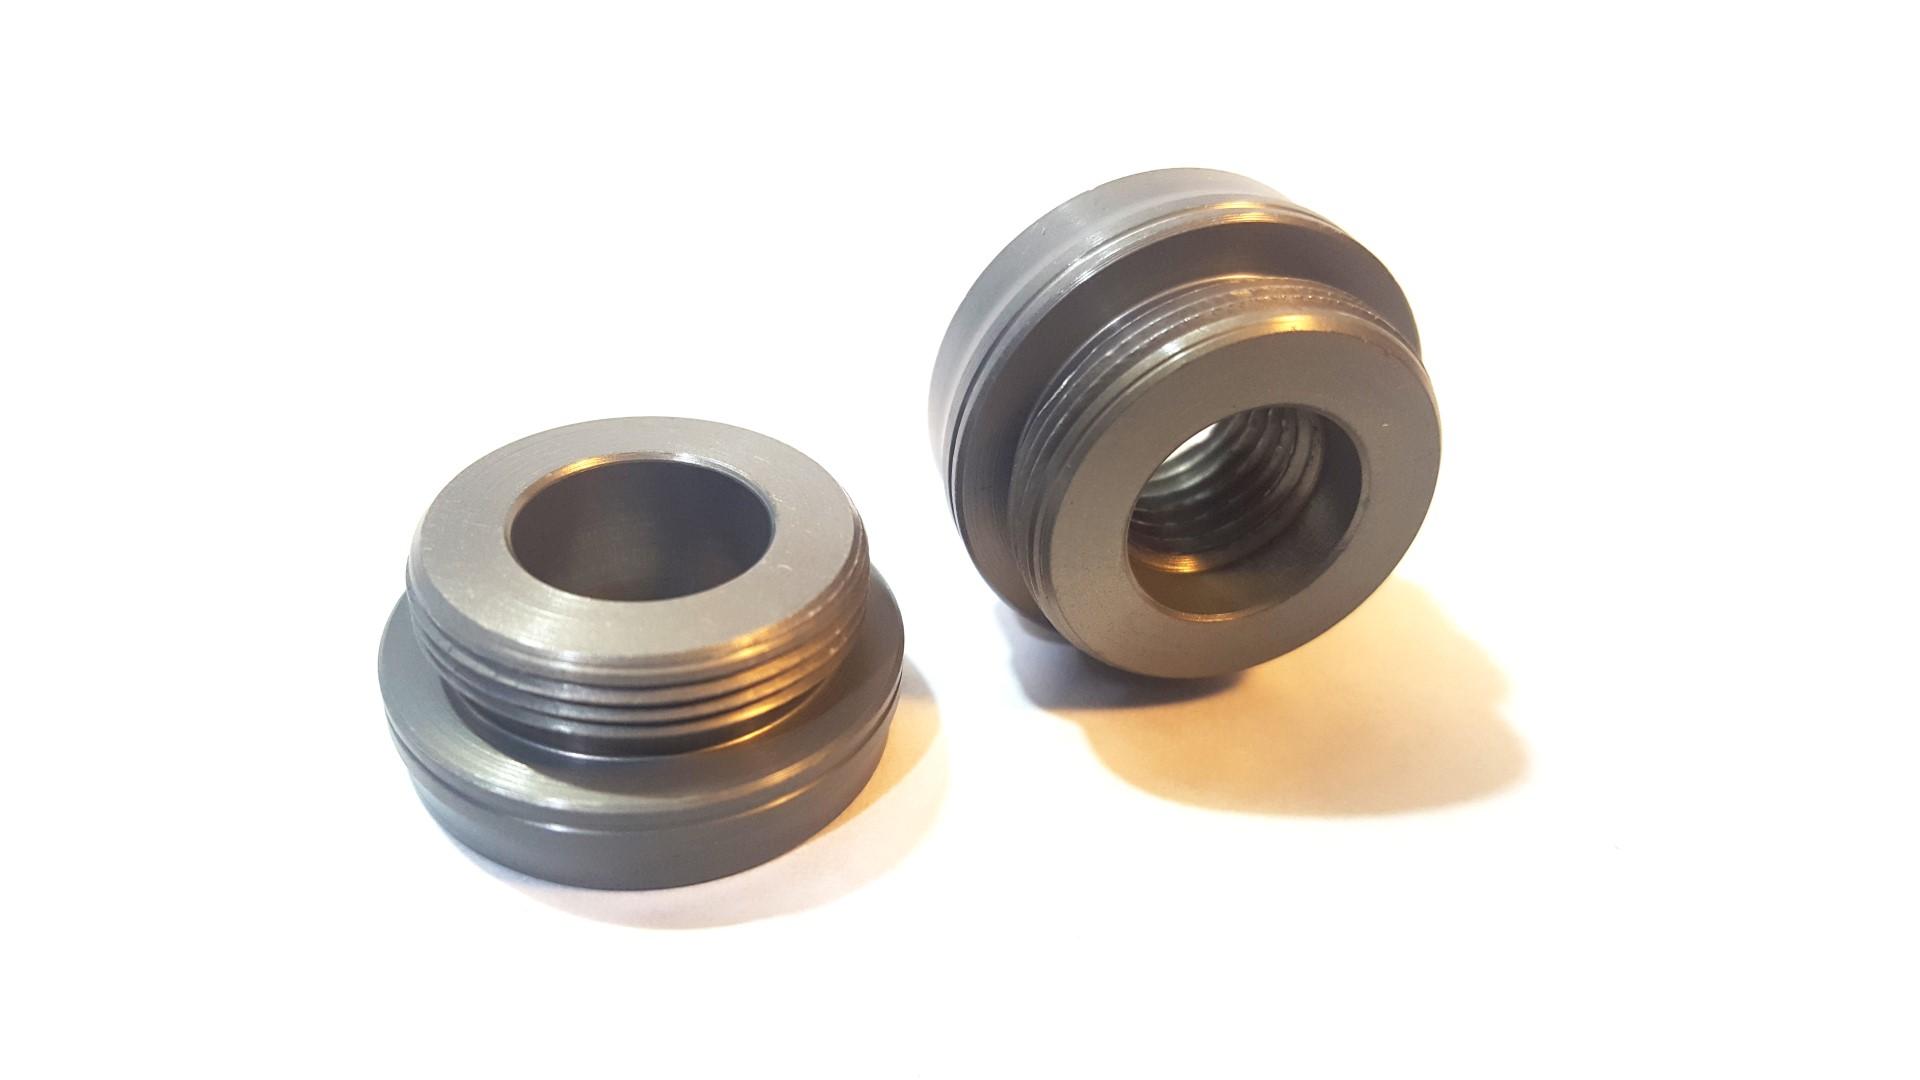 TCF-Fork-PDXTI-12mm-Ti-Insert (2).jpg